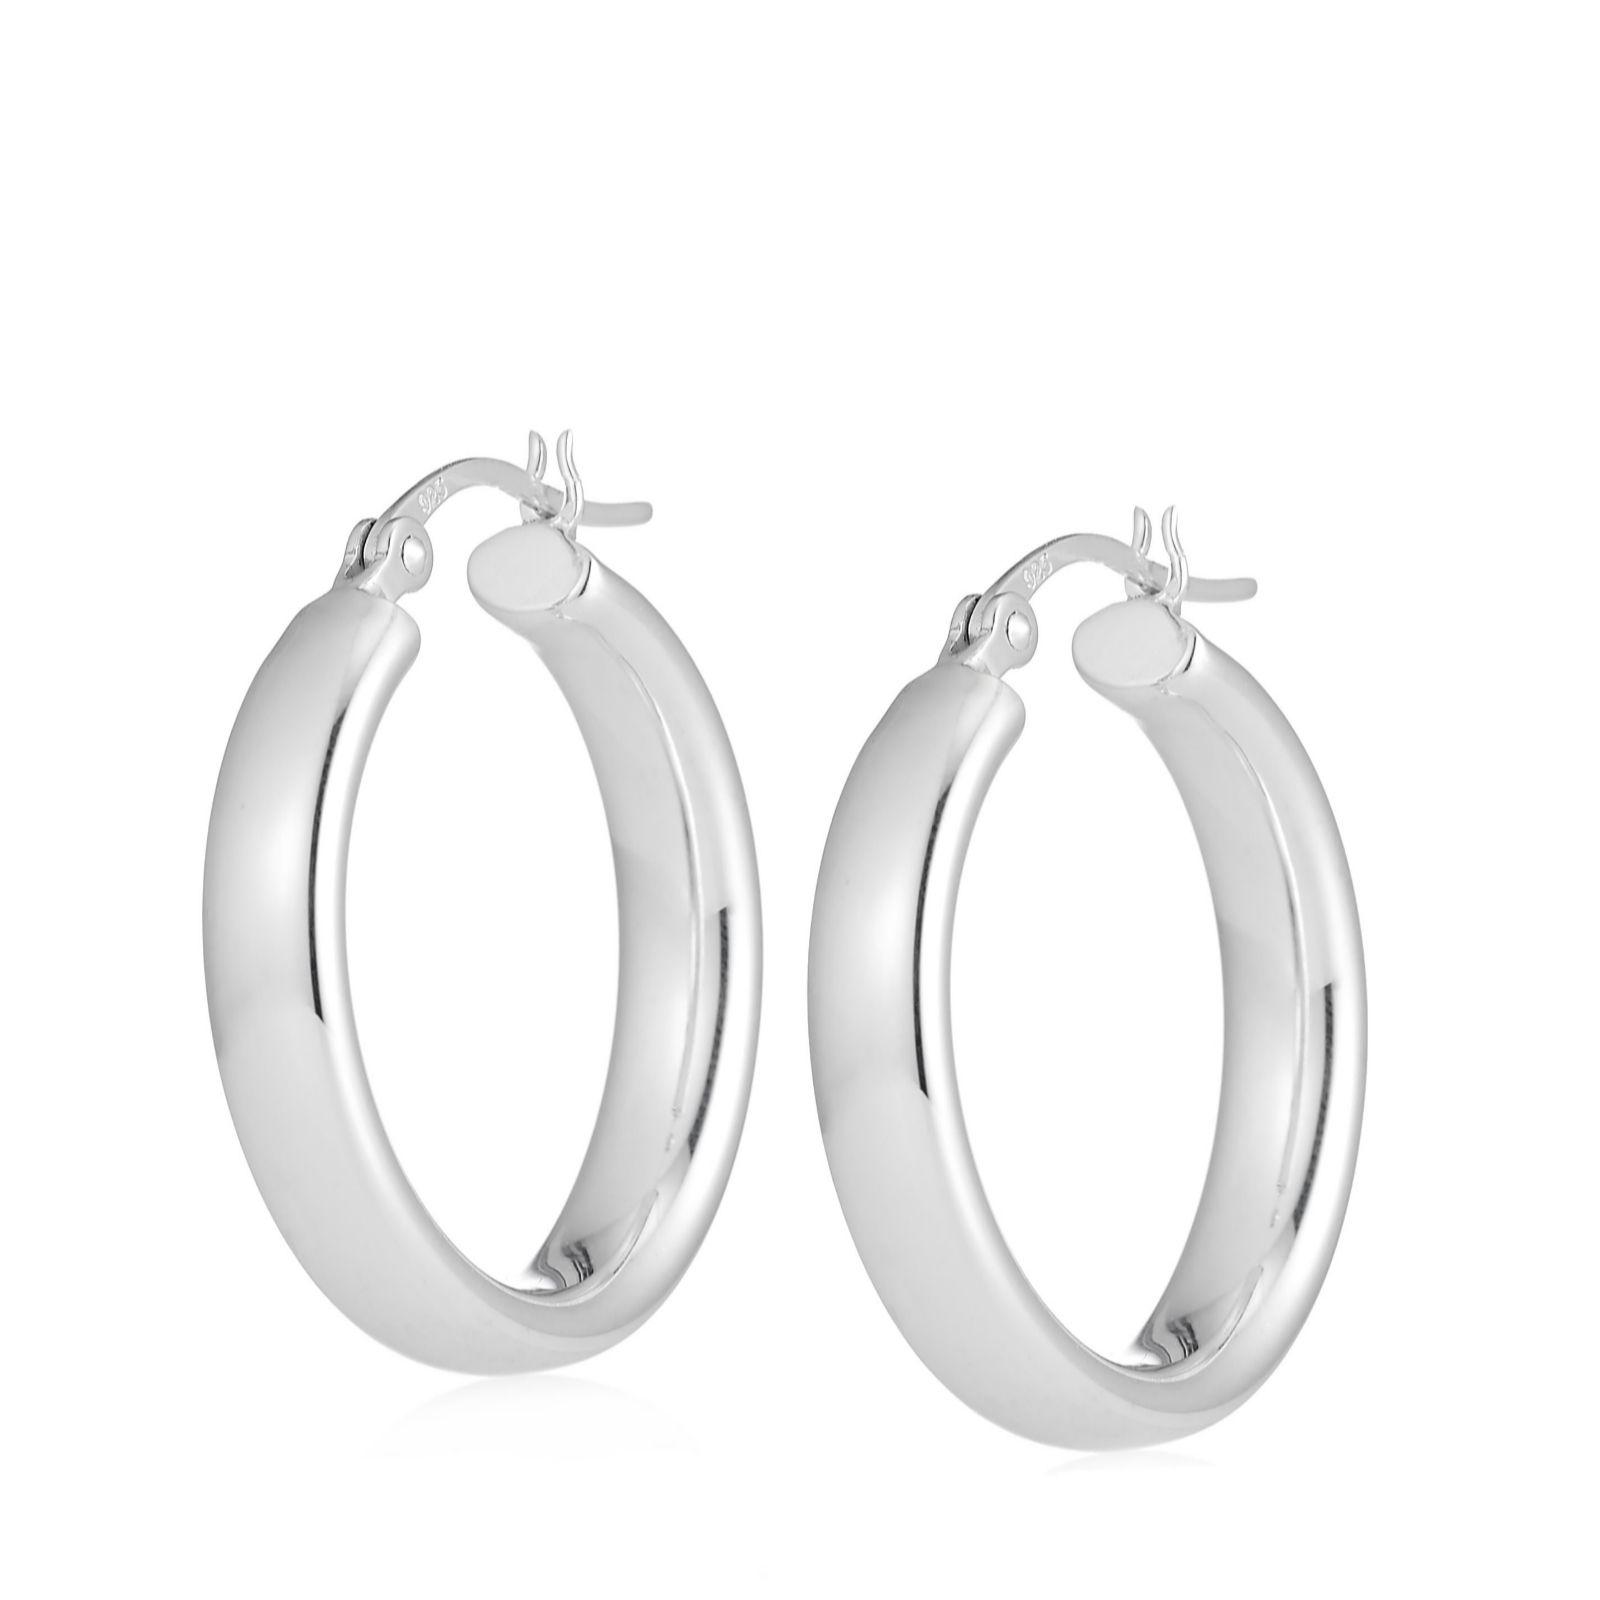 b83dbea7f Elements Silver Oval Tube Hoop Earrings Sterling Silver - QVC UK